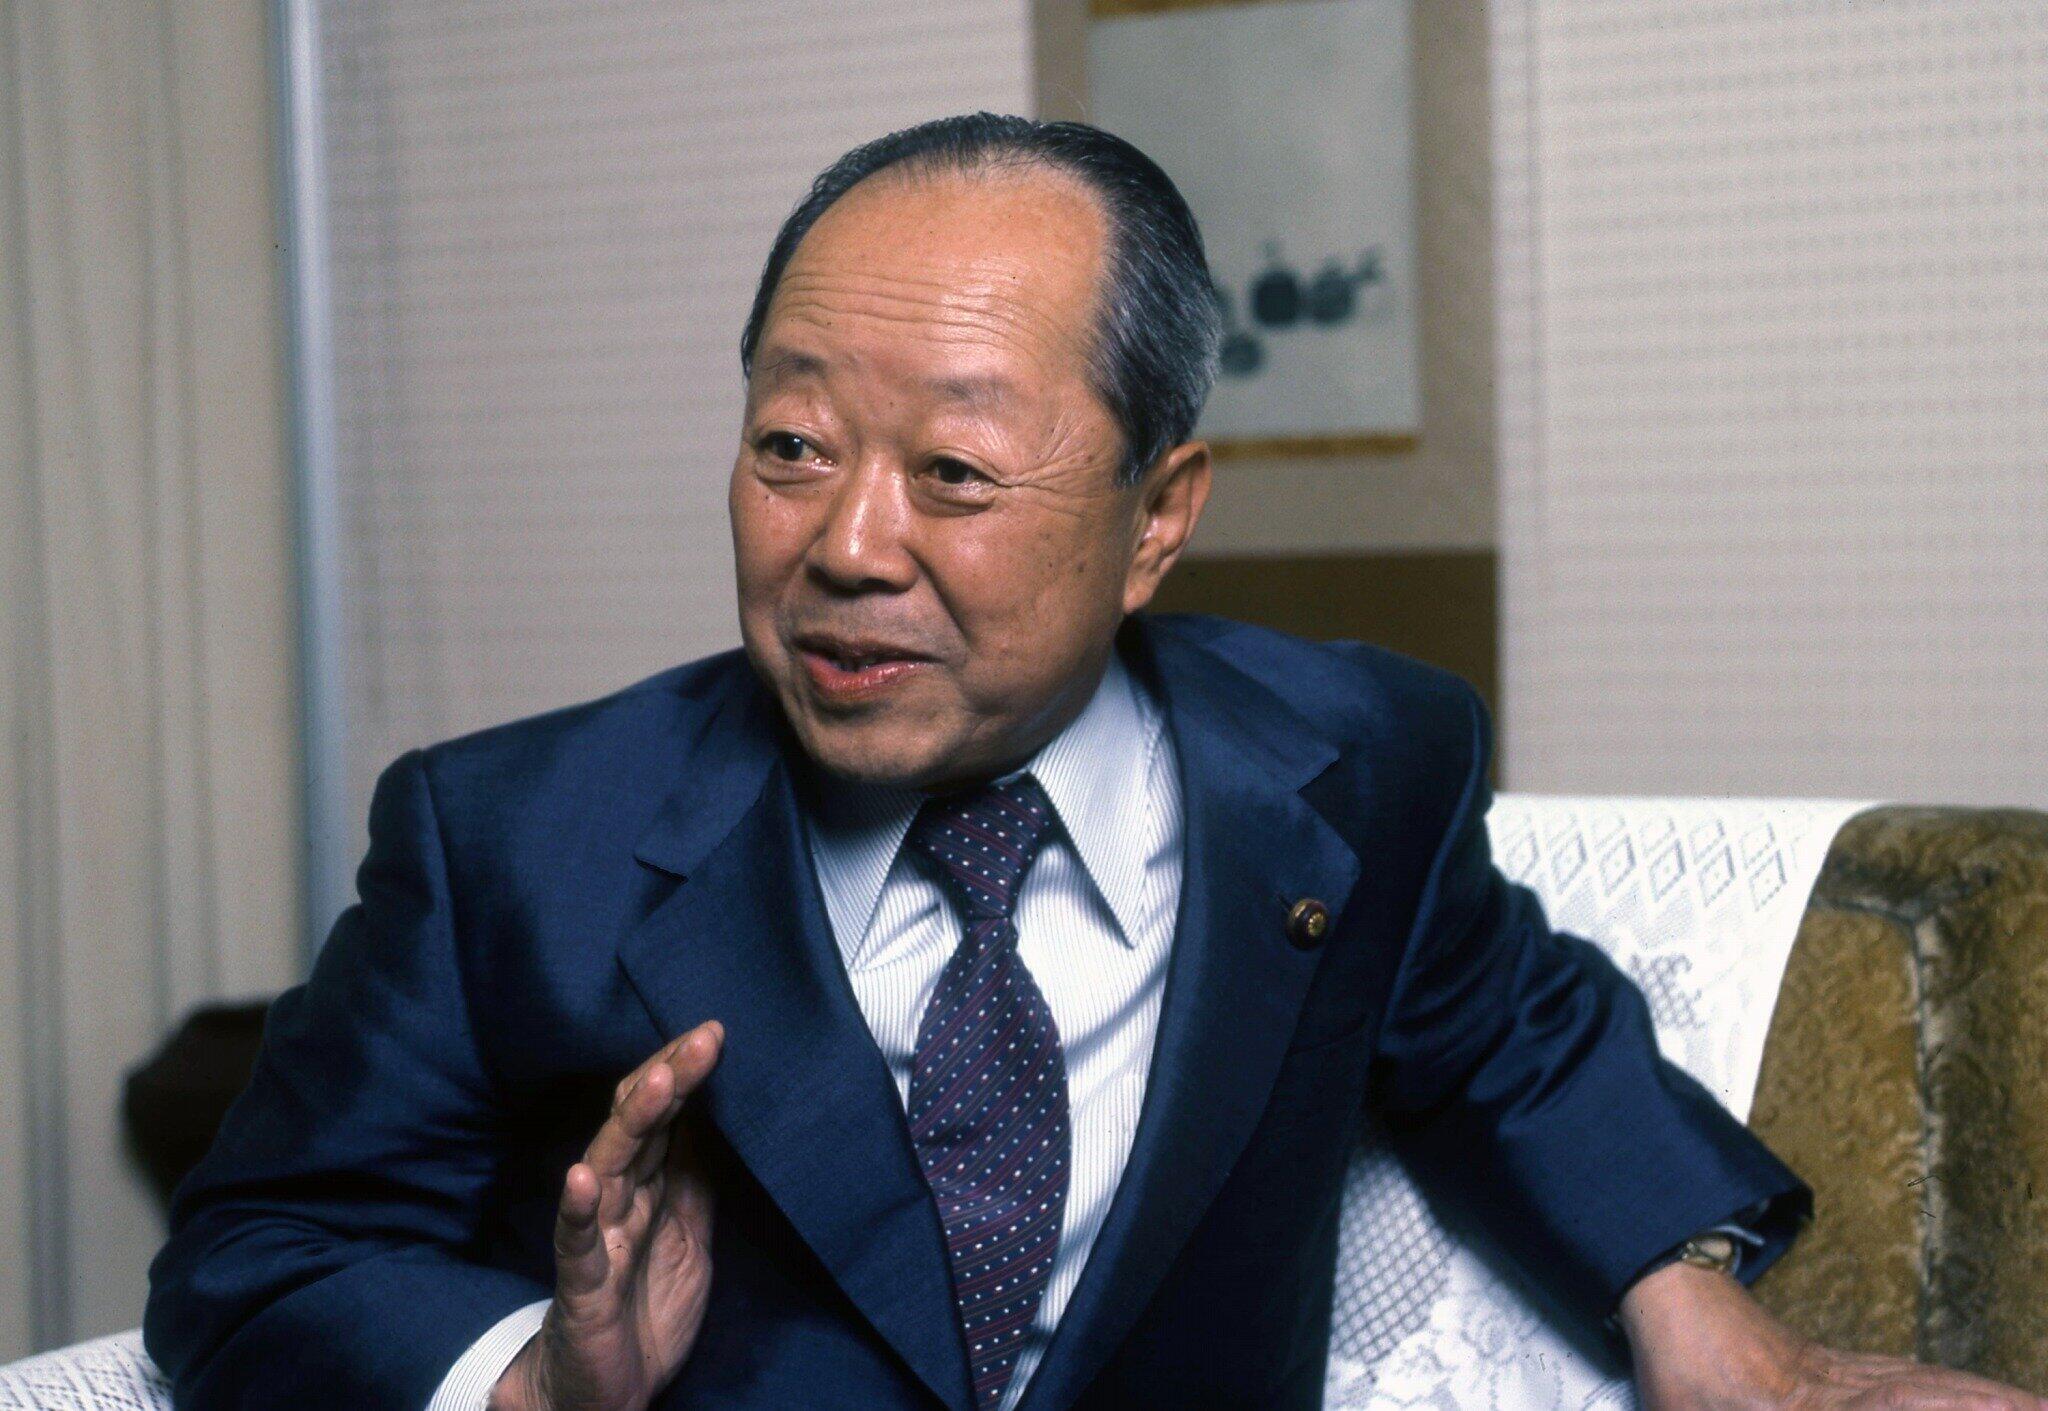 日本国憲法は「強姦によって生まれた私生児」だ、しかし... 宮澤喜一氏がオフレコで語った「護憲」の理由